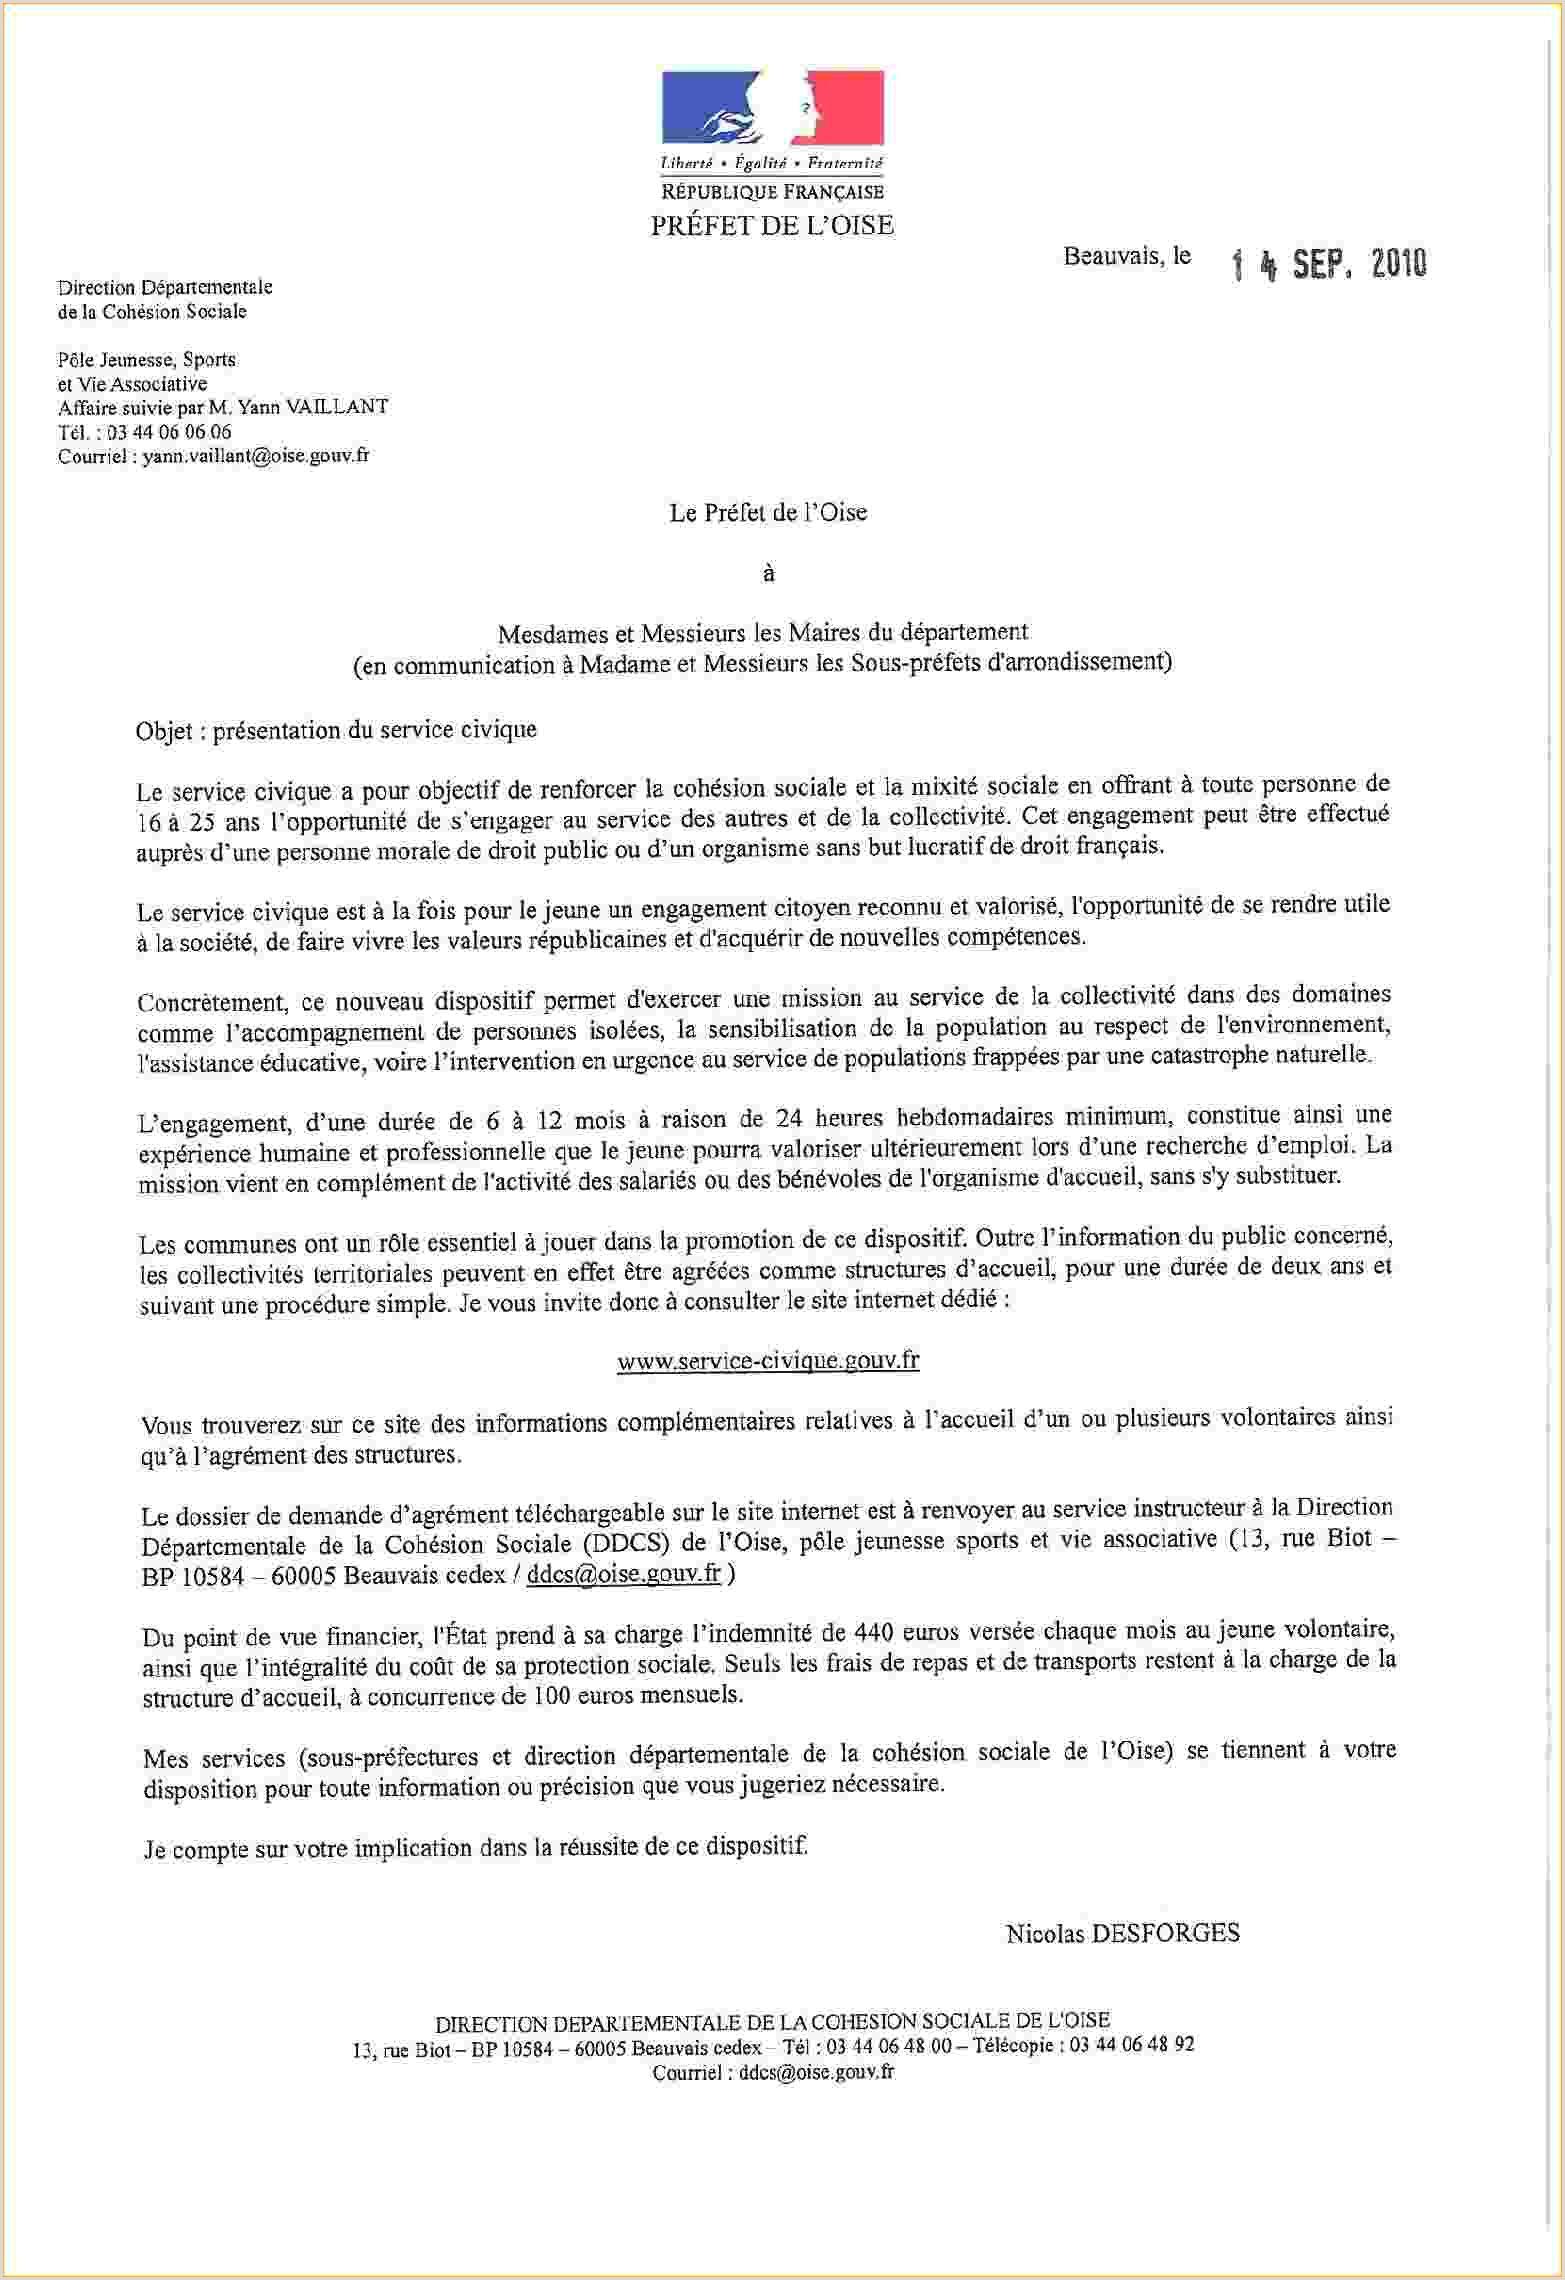 modele de lettre administrative civil 1 mod¨le de lettre